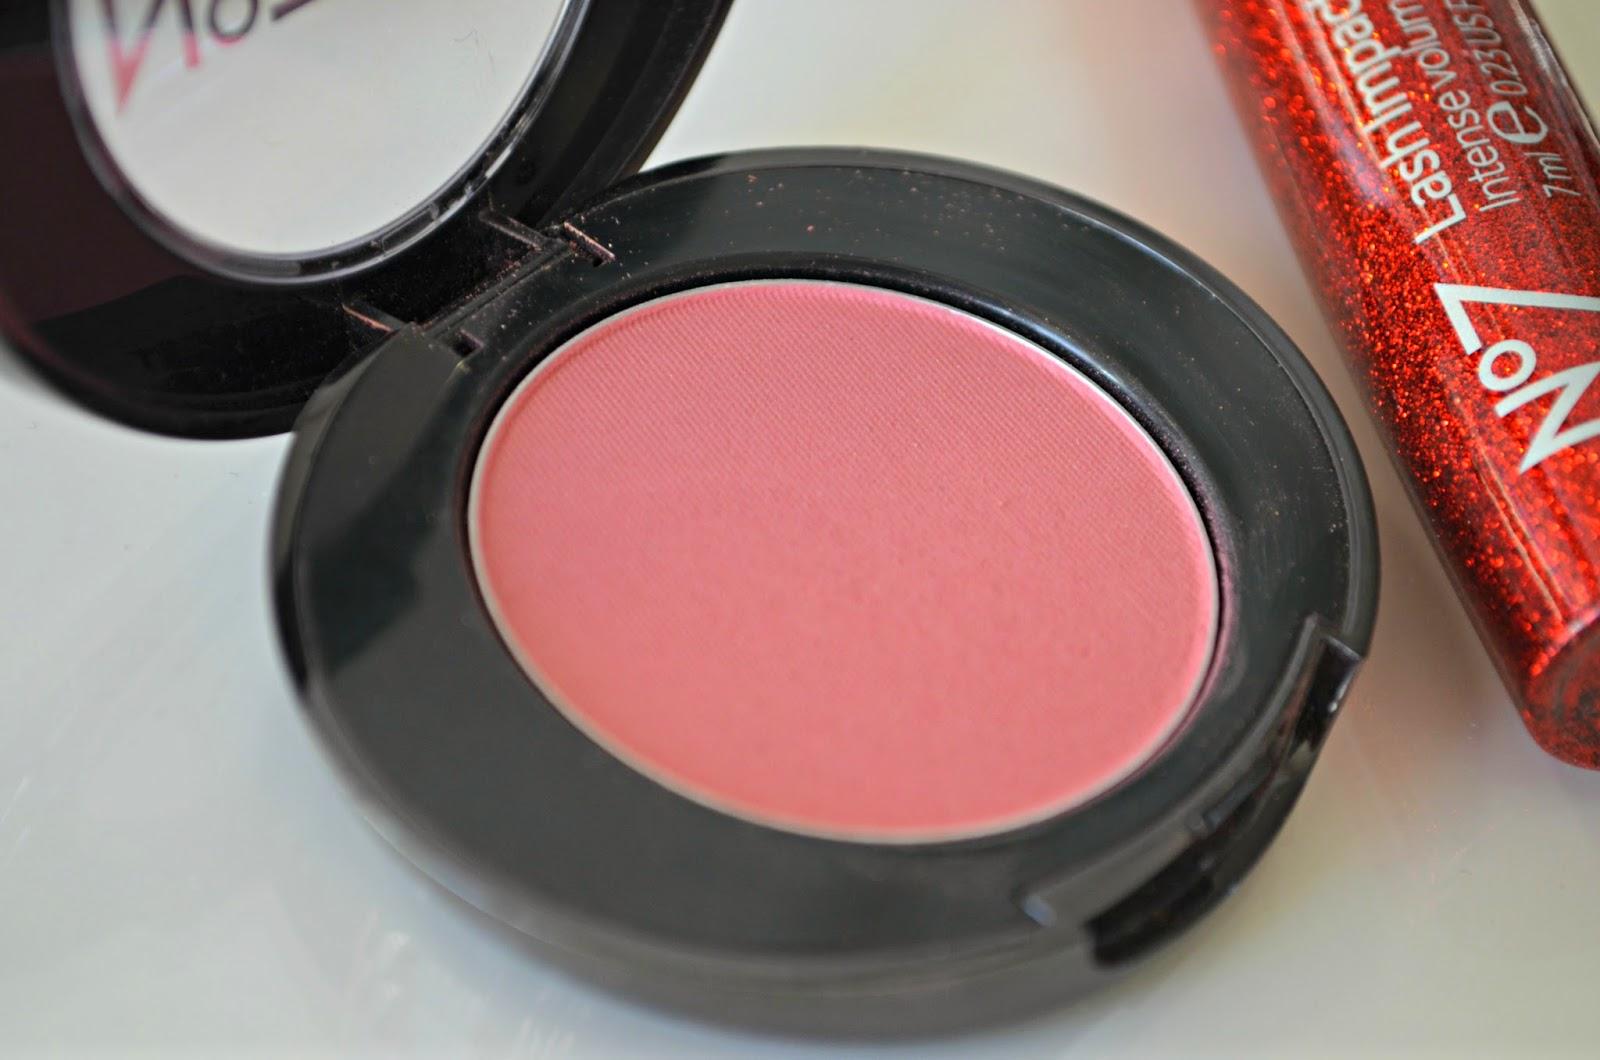 no 7 Natural Blush Tint Powder in Coral Flush